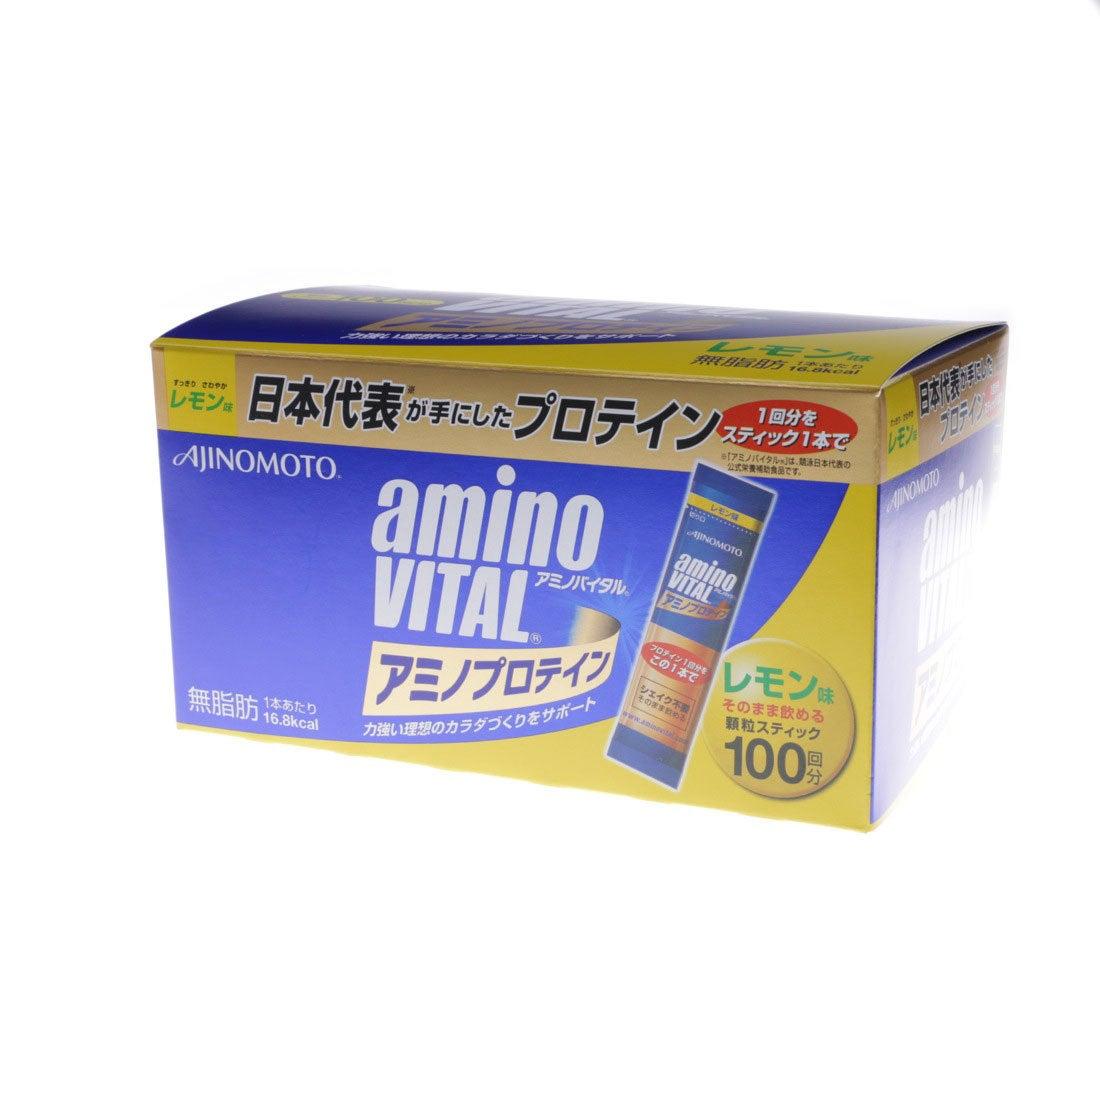 アミノバイタル AminoVital プロテイン 「アミノバイタル」アミノプロテインレモン味100本入箱 3420150500